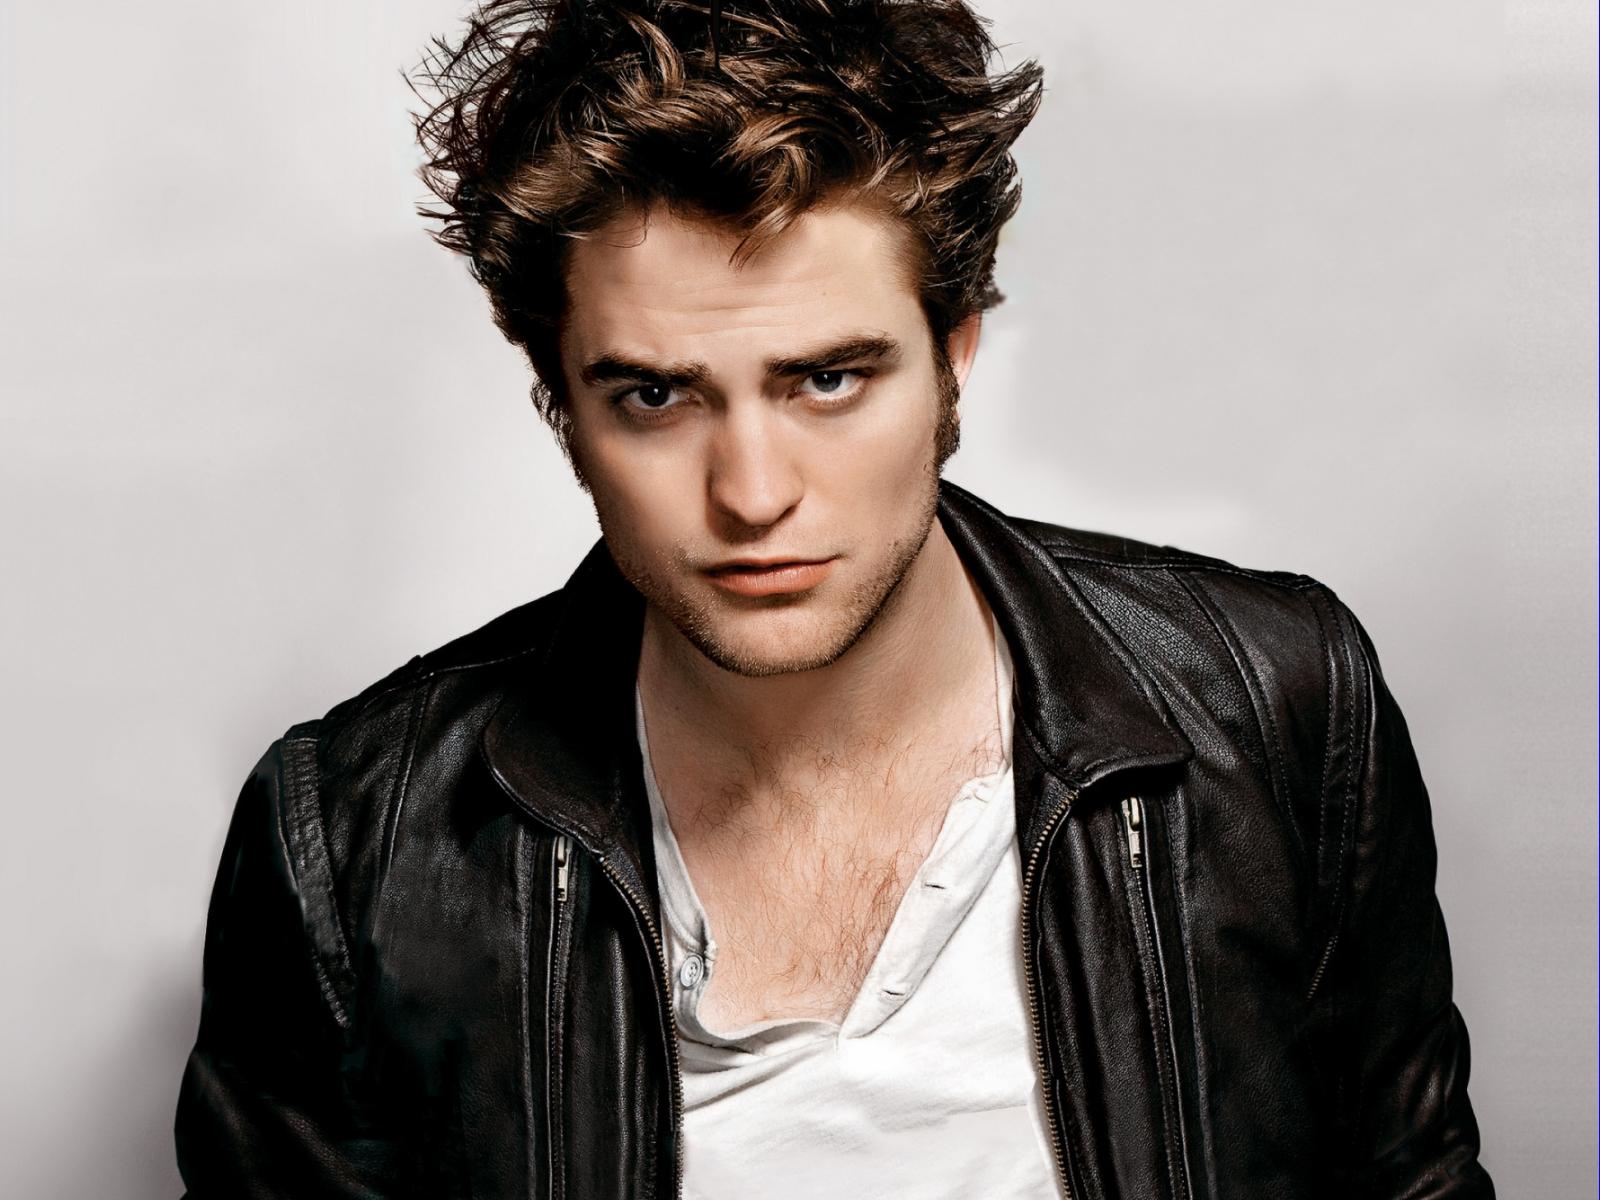 http://1.bp.blogspot.com/-lxcFNLVFmiQ/T0H-Bok7_zI/AAAAAAAAHs0/GsSg4vSPLoY/s1600/Robert+Pattinson+2.jpg